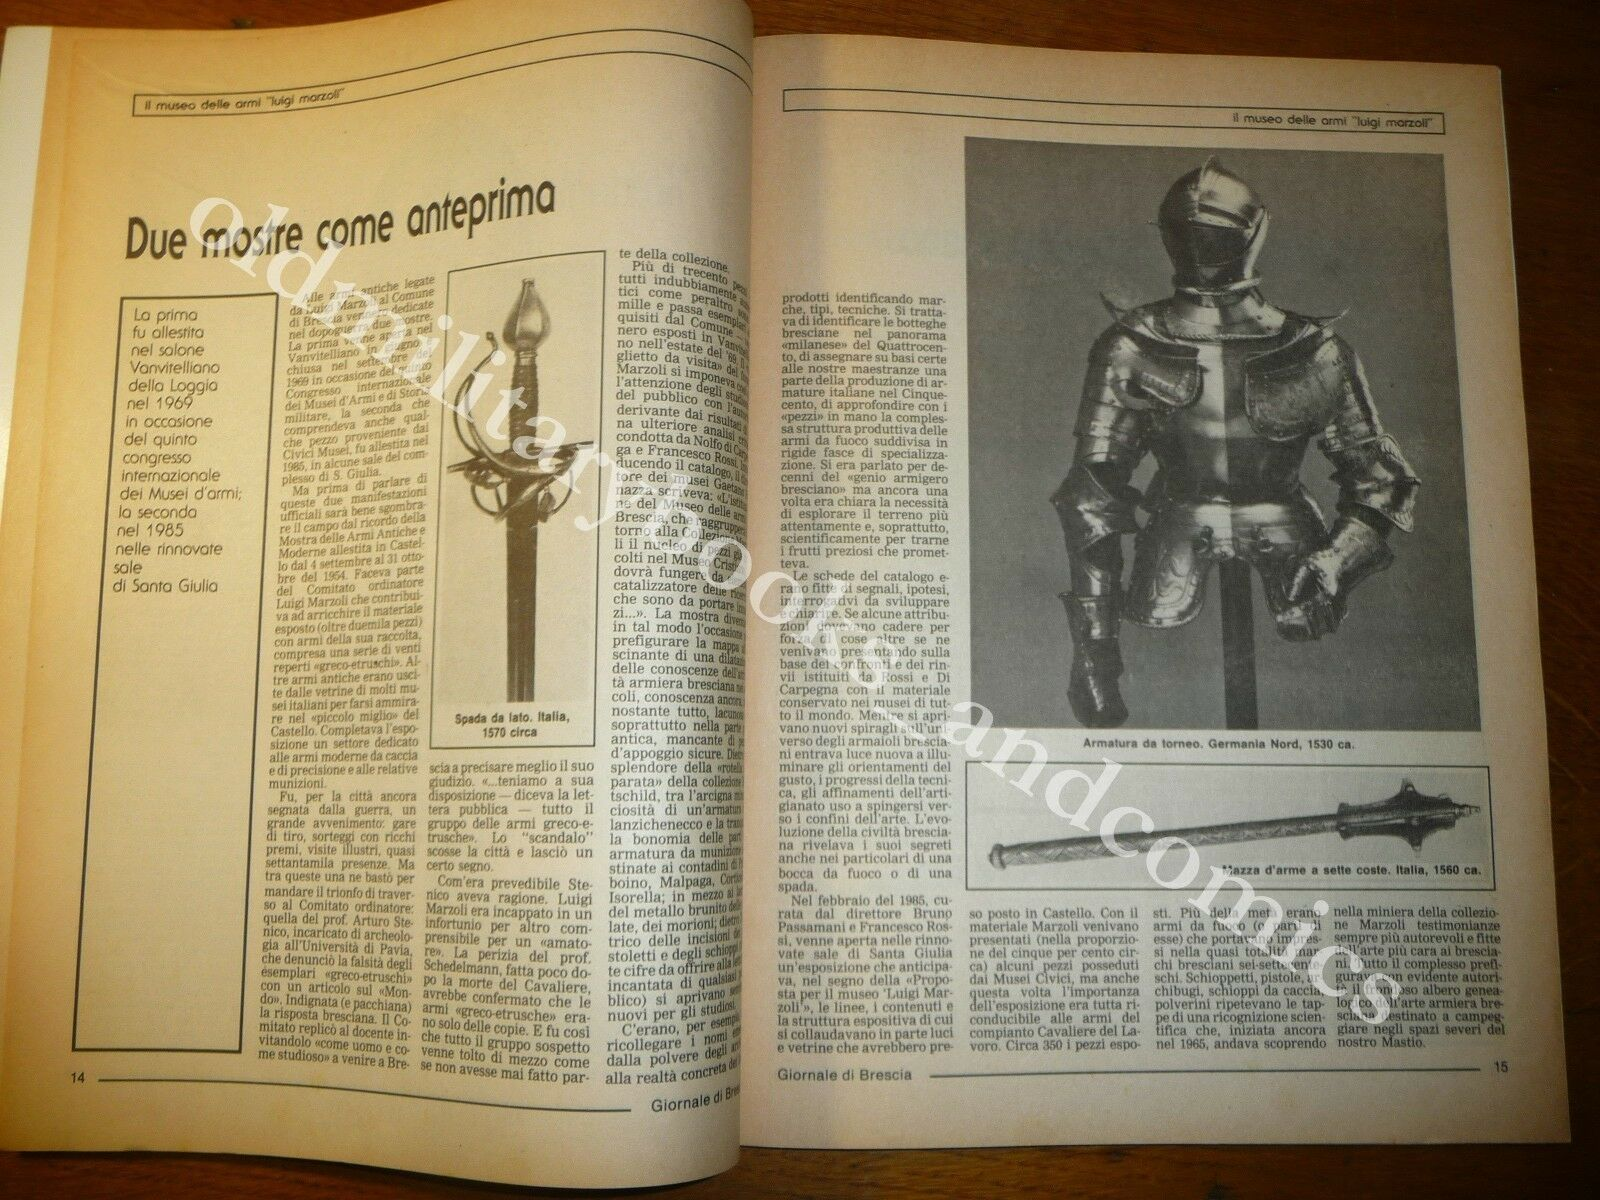 IL MUSEO DELLE ARMI LUIGI MARZOLI SUPPLEMENTO DEL GIORNALE DI BRESCIA ANNI '70